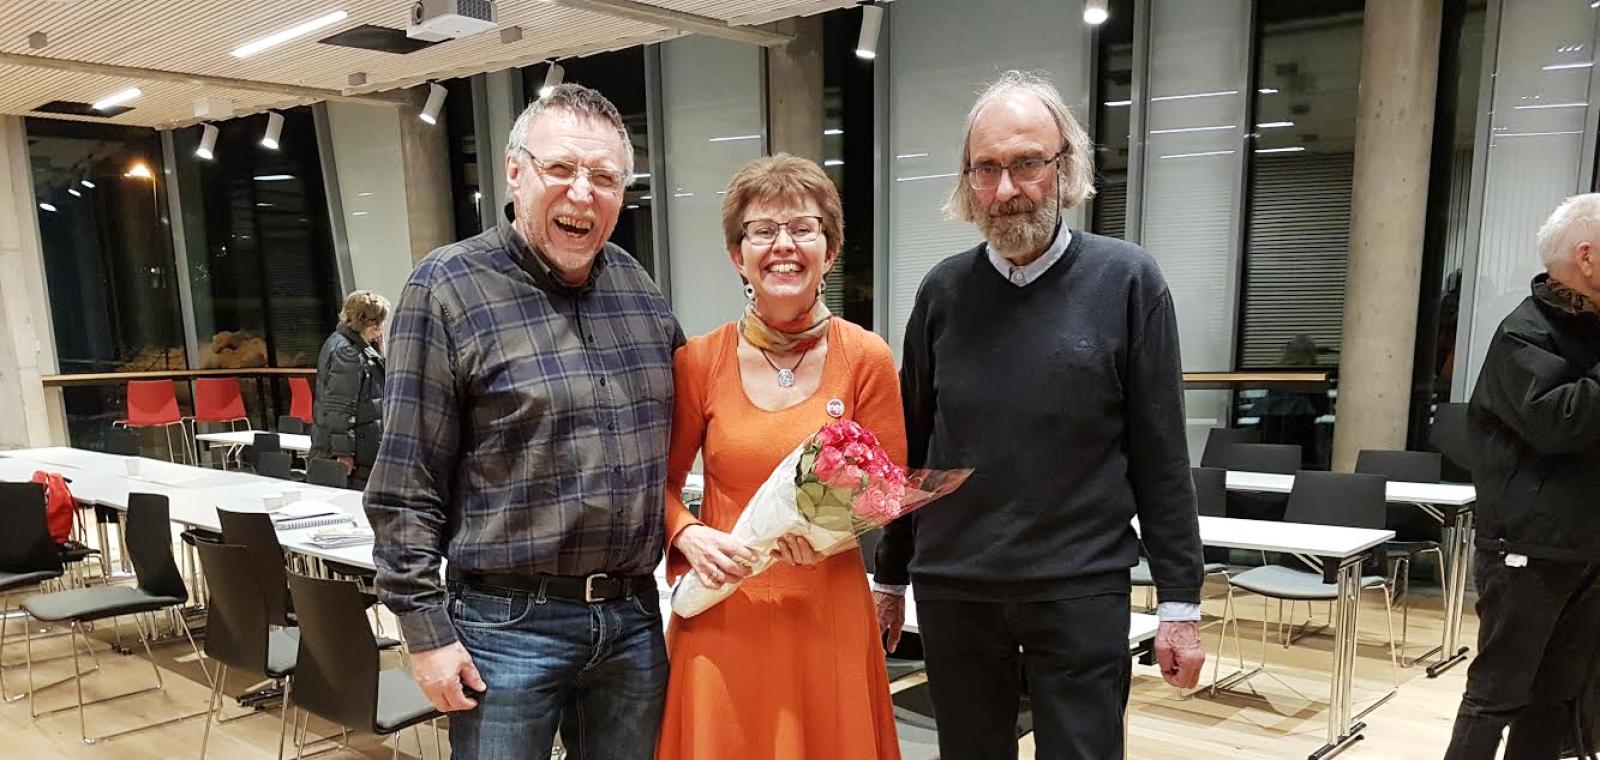 Jens Petter Hvidsten, Kathrine Kleveland og Gunnstein Rudjord på årsmøtet i Ski og Oppegård Nei til EU 21. februar 2018.